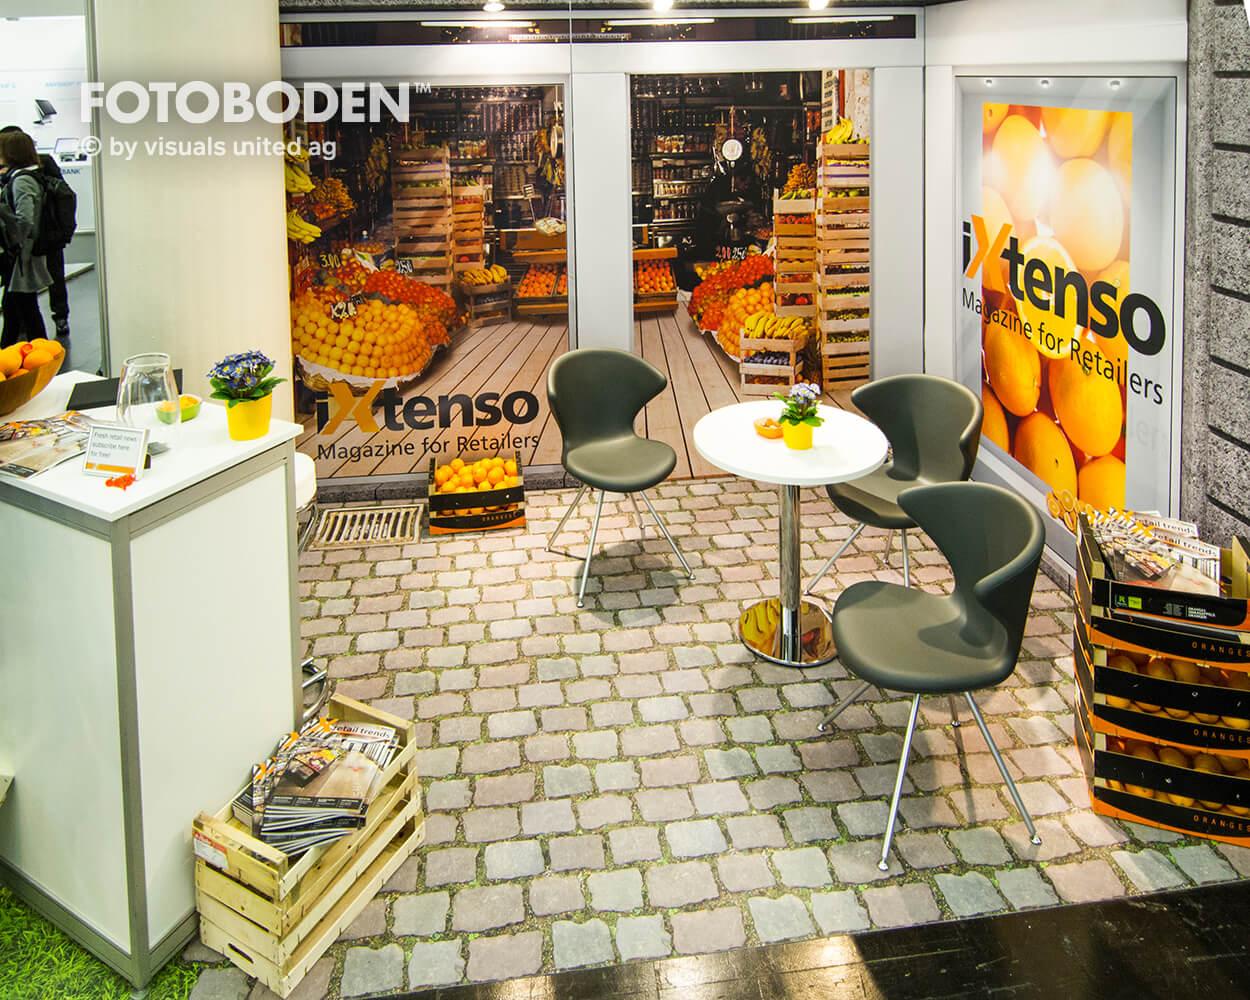 FOTOBODEN™ Messeboden Raumgestaltung Gastronomie interior design